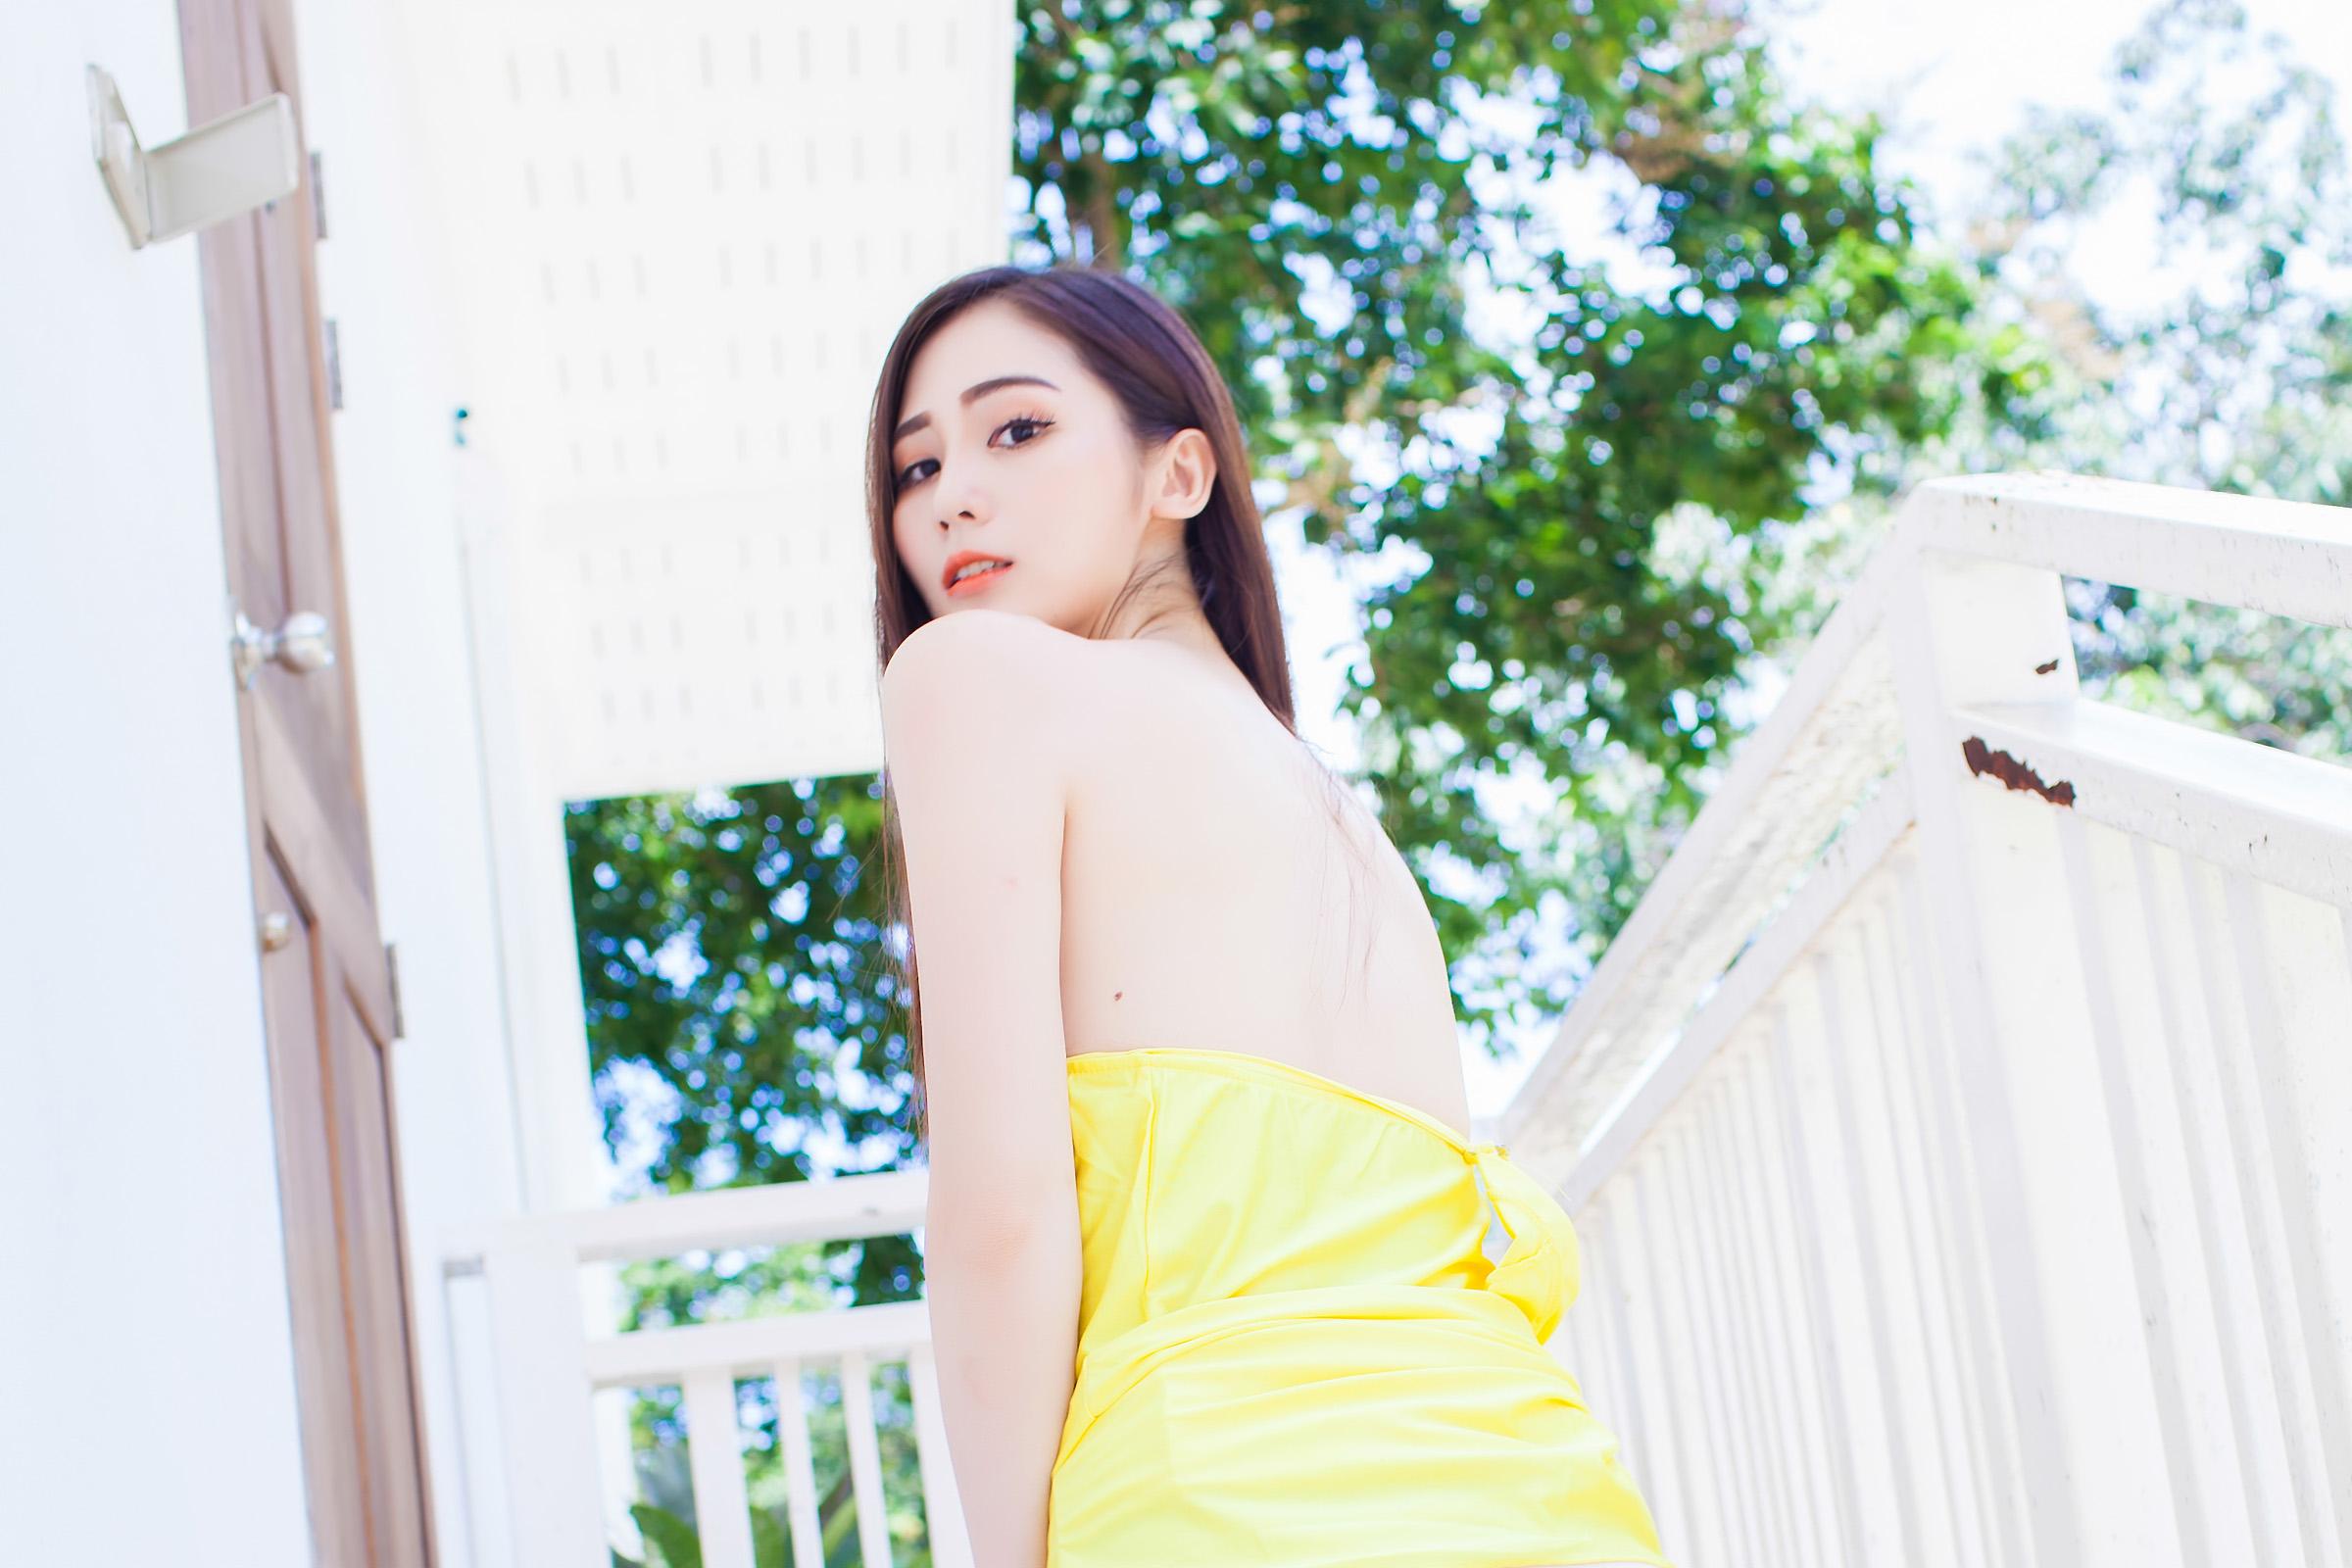 小色哥美女av电影_SISY思写真照[88P]台灣小色哥